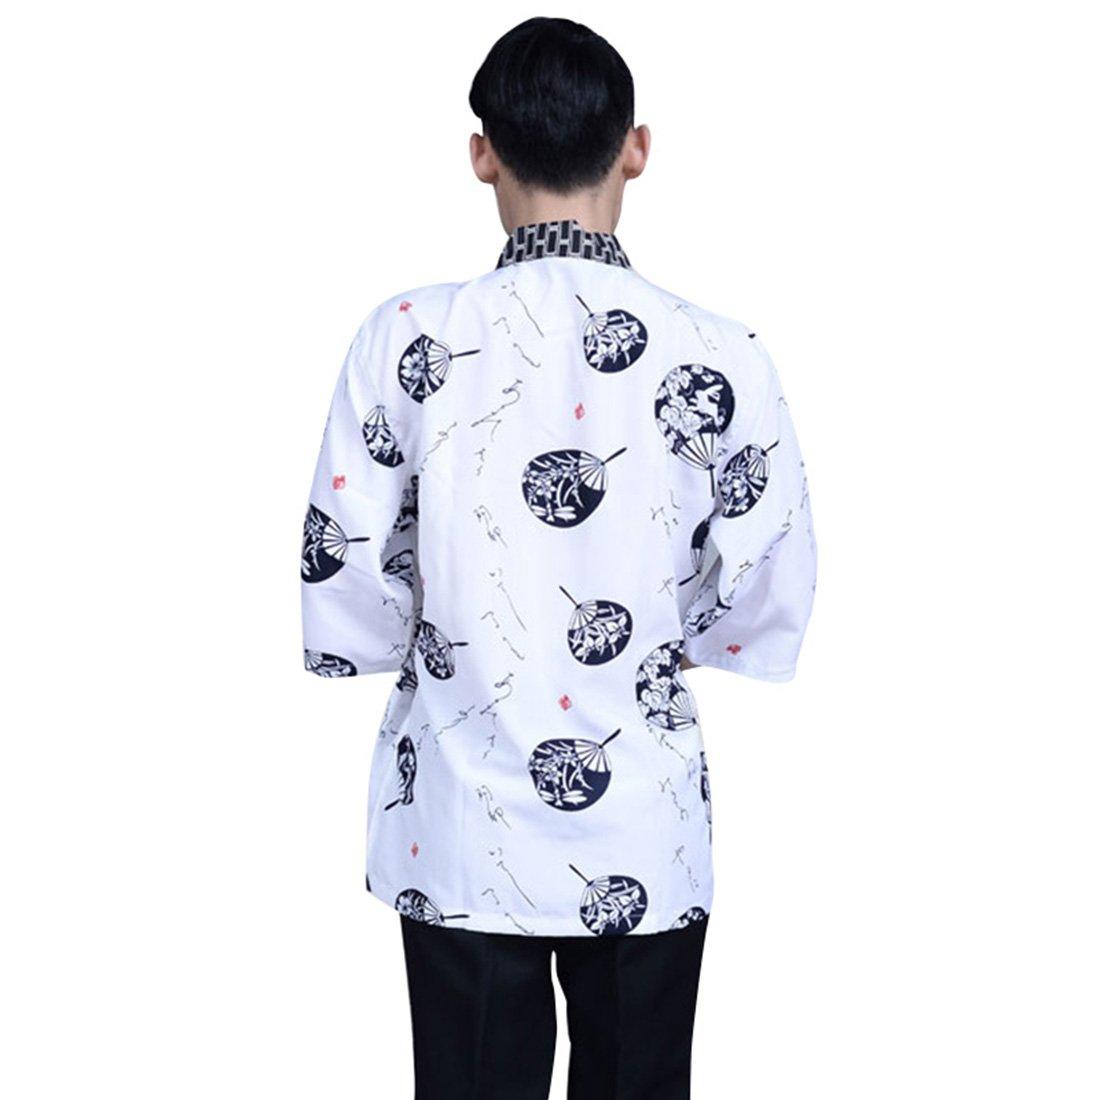 Amazon.com: Enerhu Japanese Chef Coat Sushi Chef Jacket ...